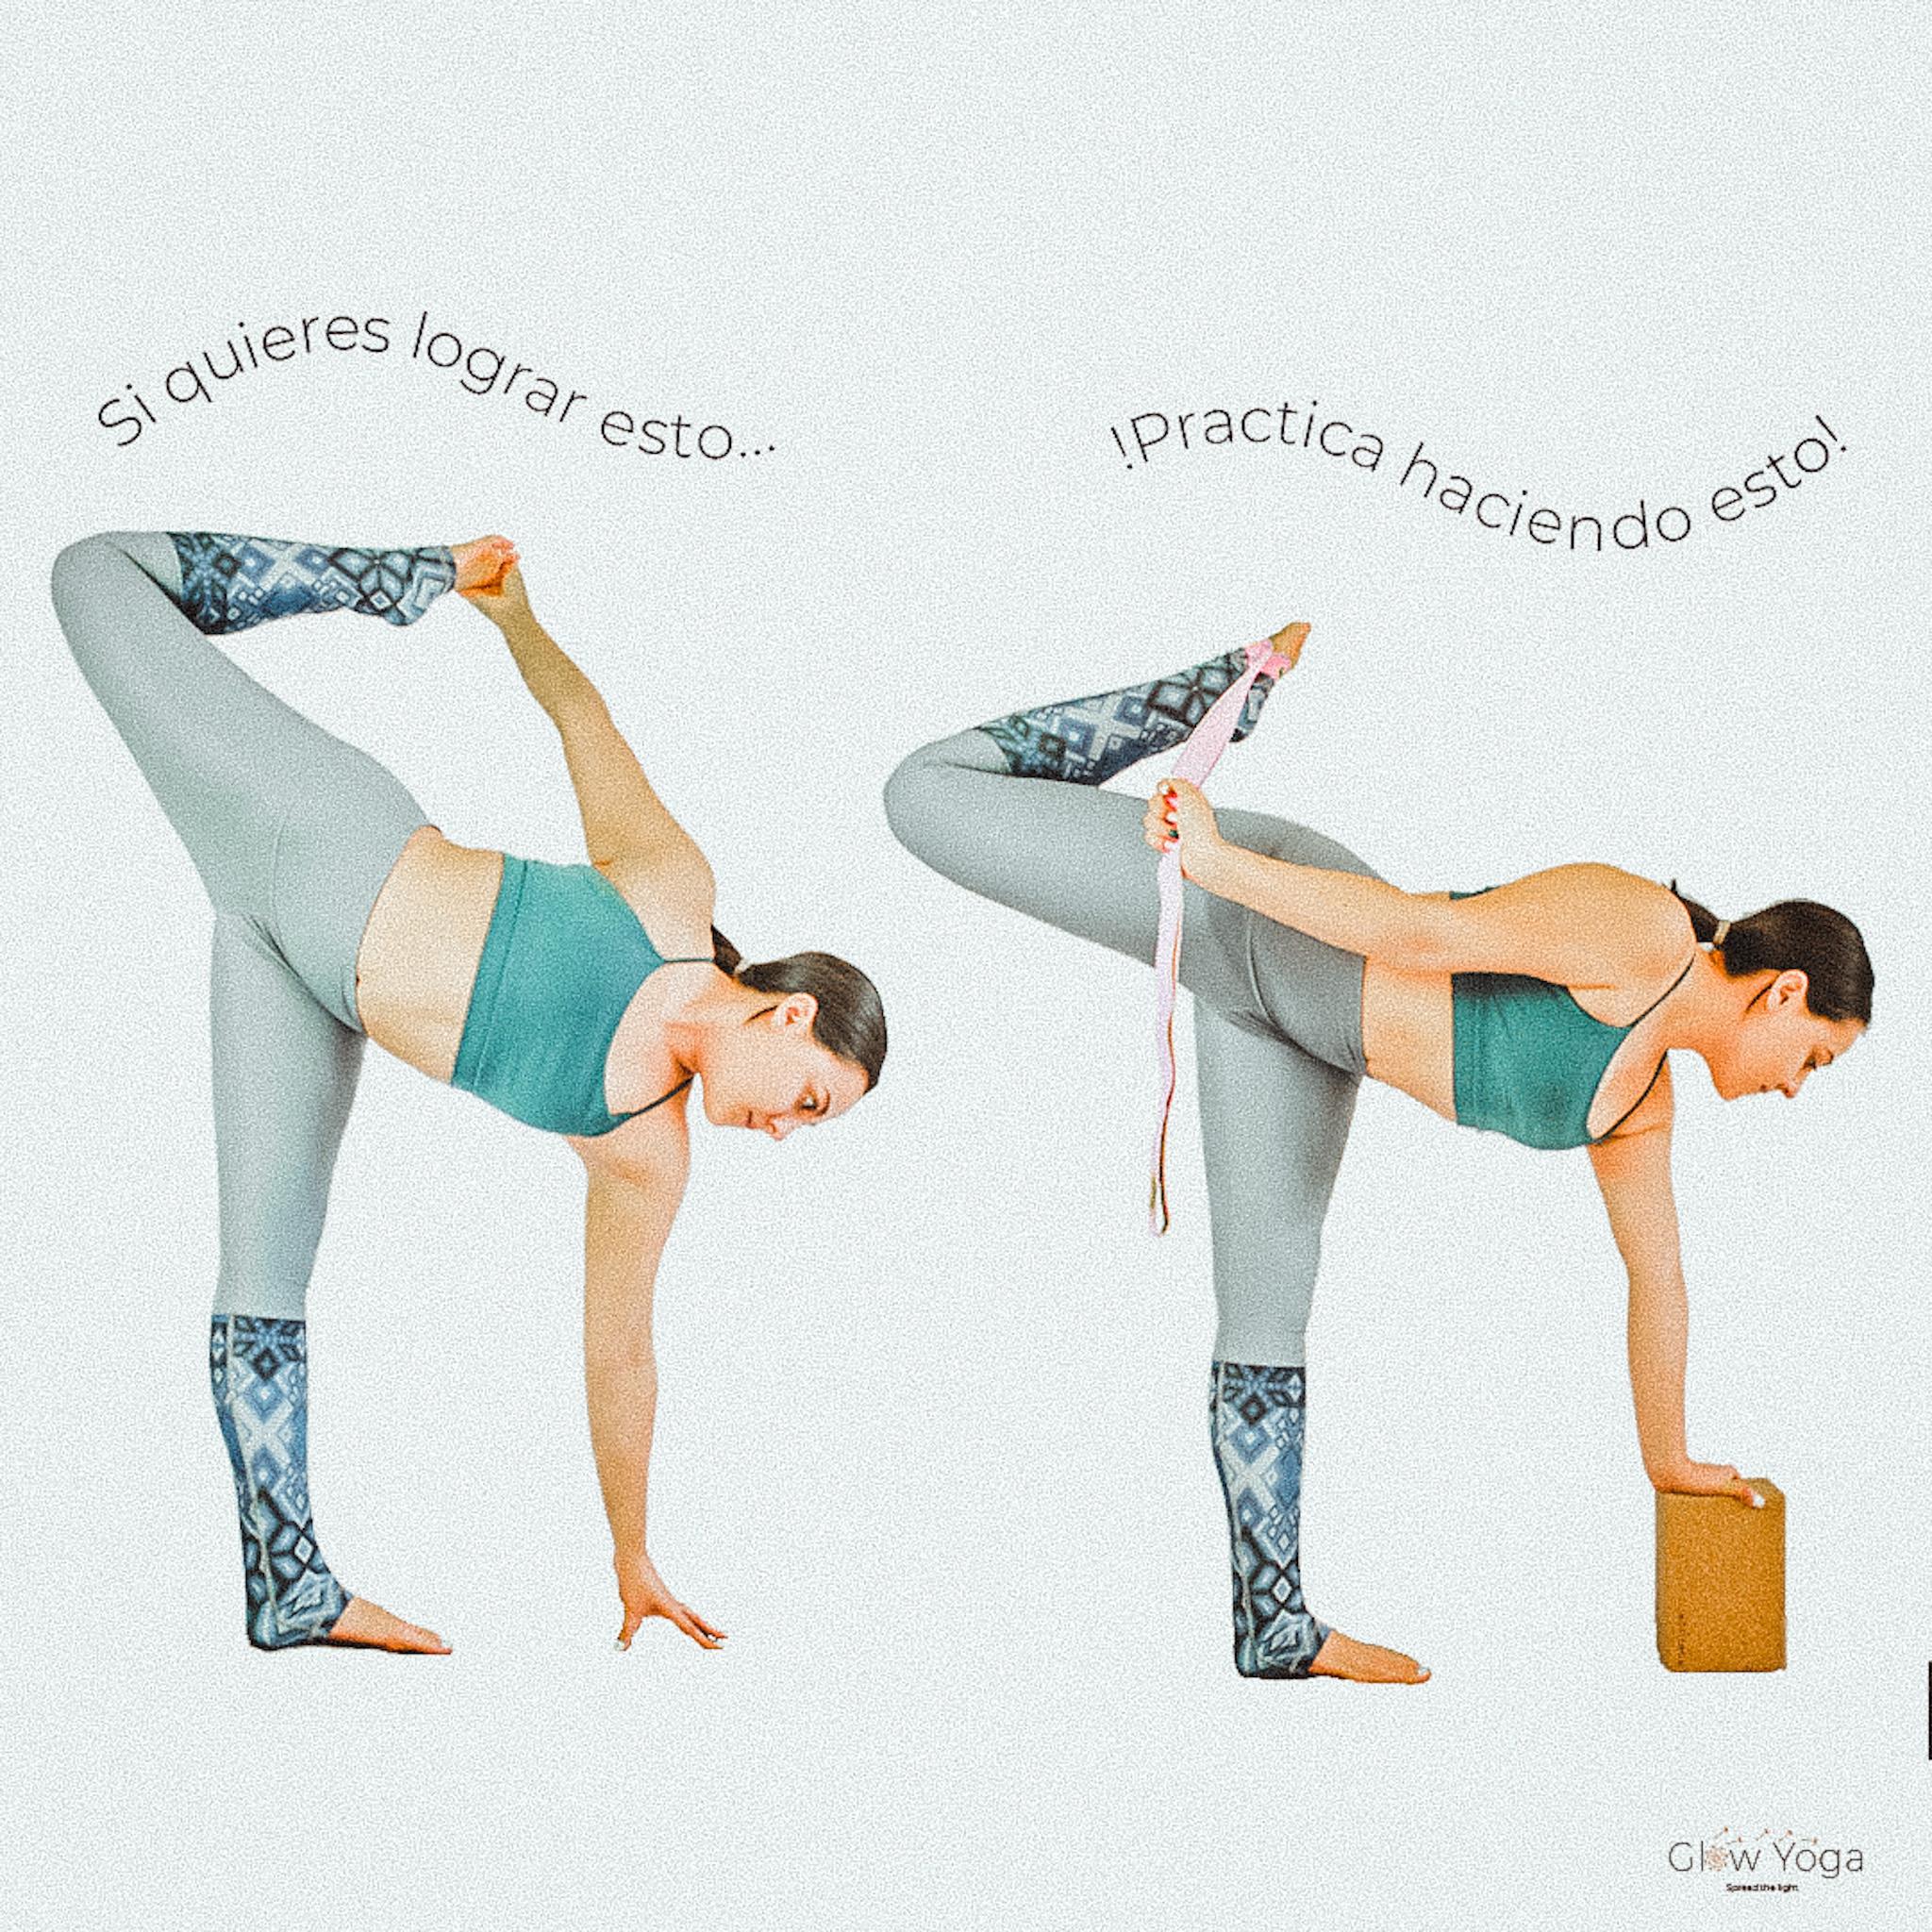 Meditaciones guiadas por Glow Yoga | Fit Ztudio